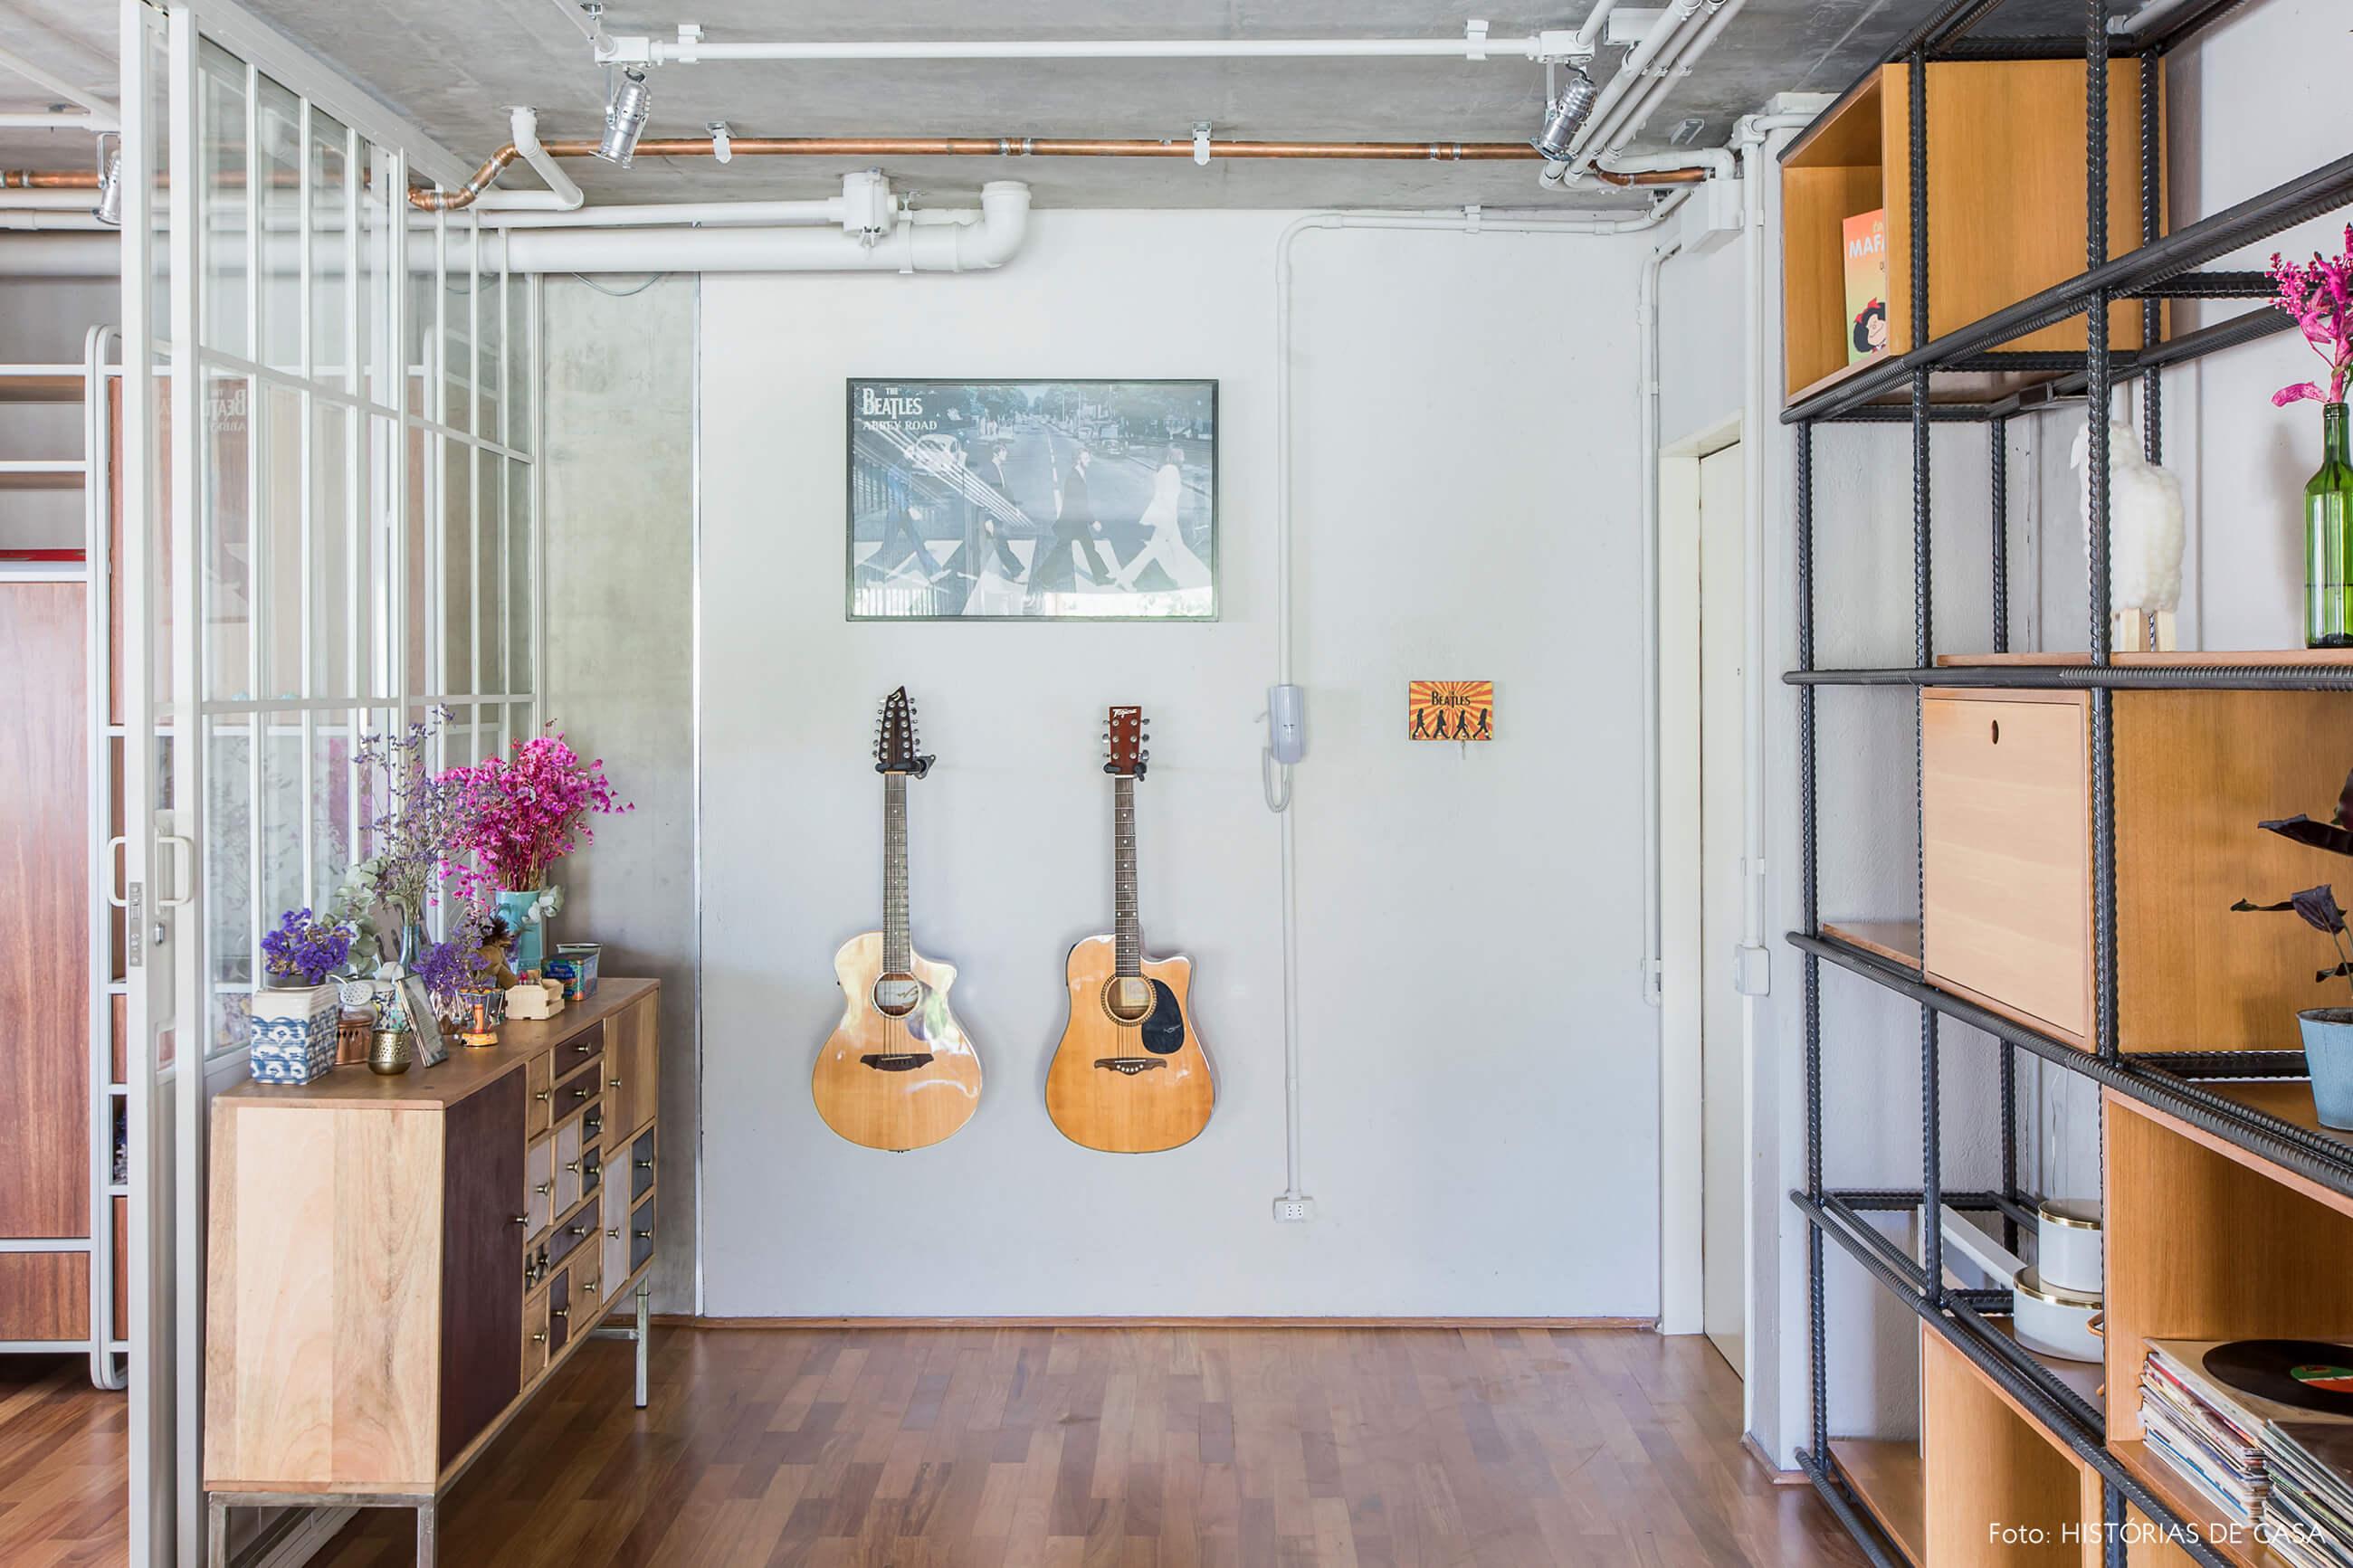 Hall de entrada com violão e tubulação aparente